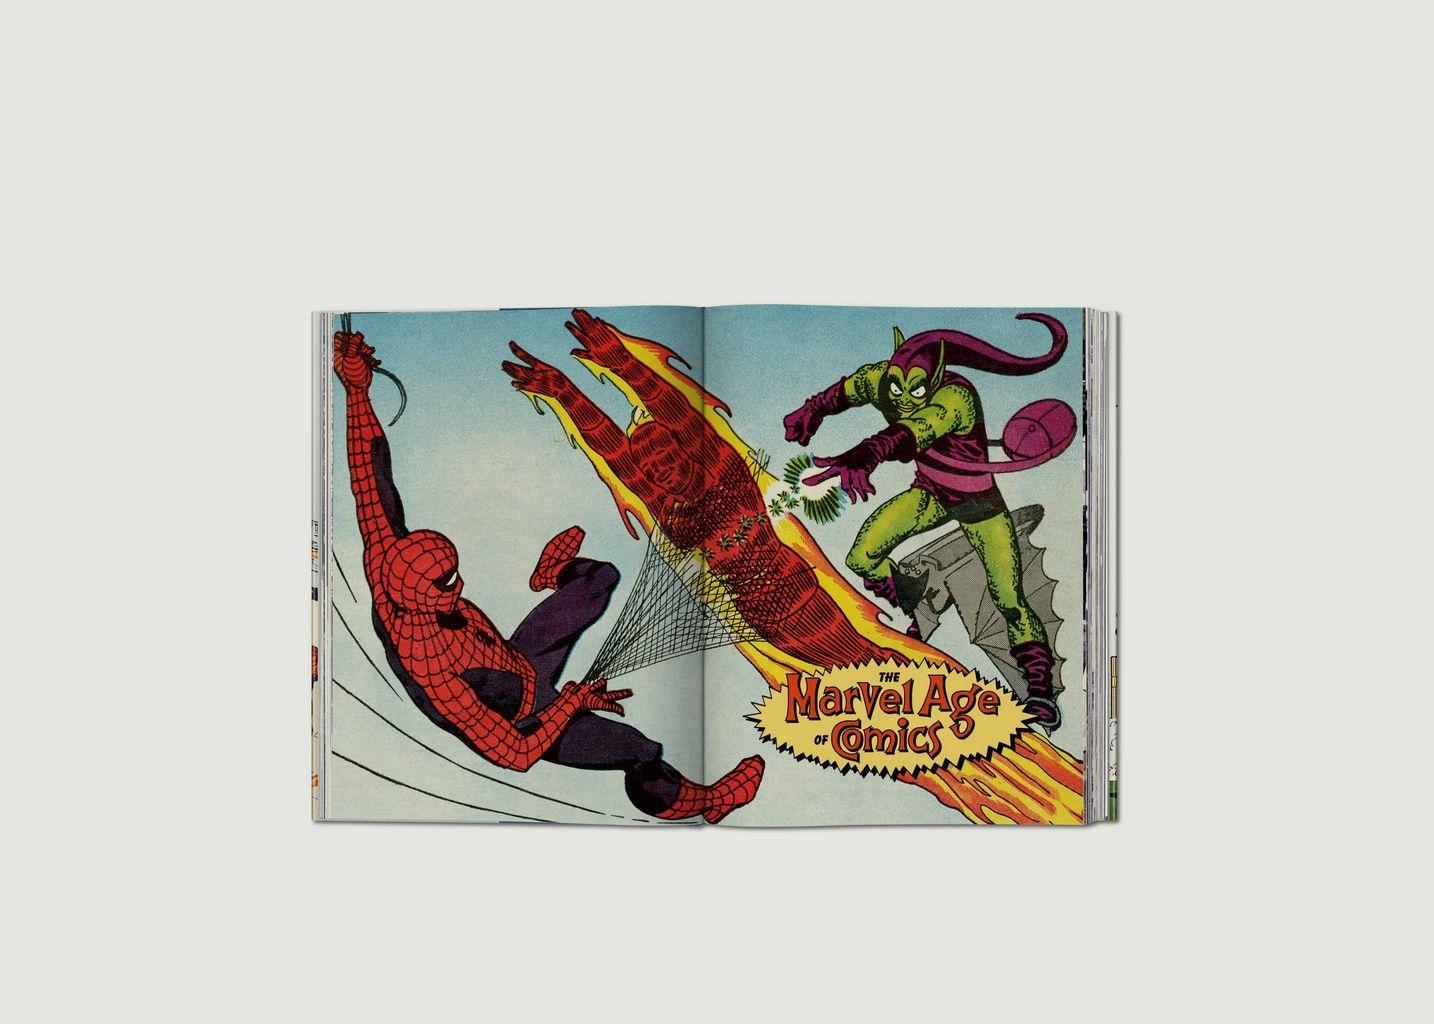 L'ère des Comics Marvel 1961–1978 - Taschen